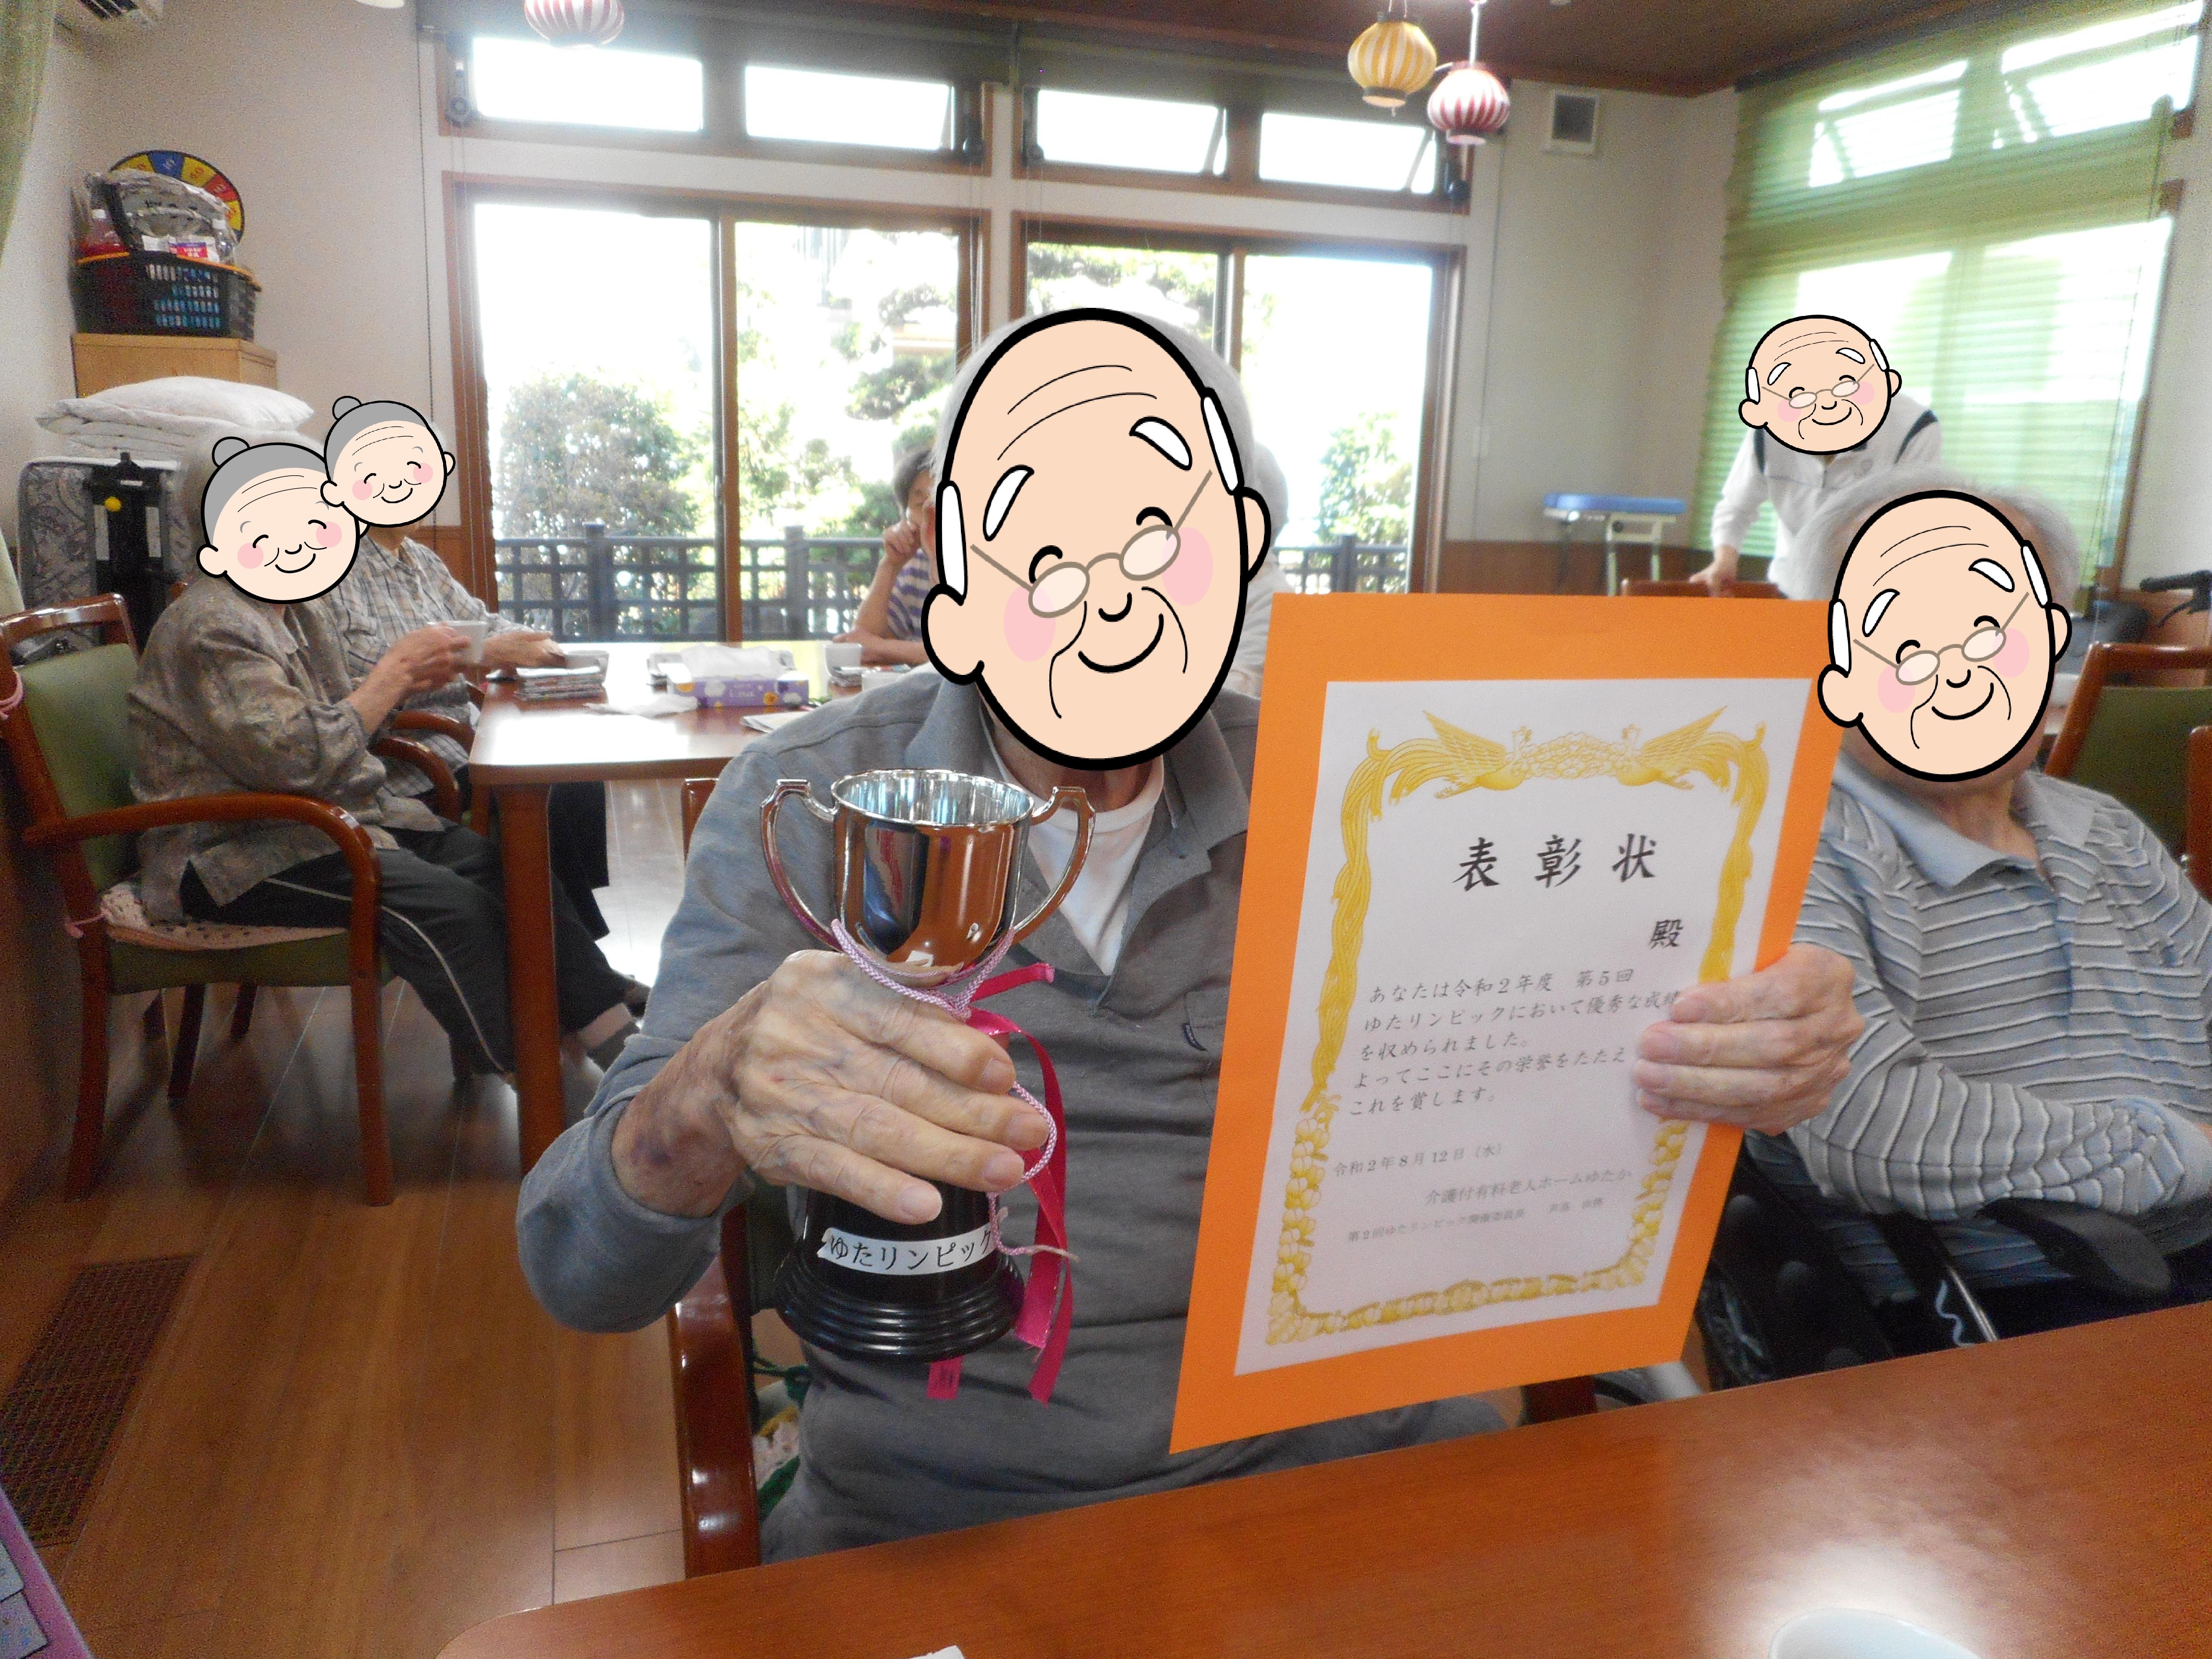 第5回ゆたリンピック開催(有料老人ホームゆたか)